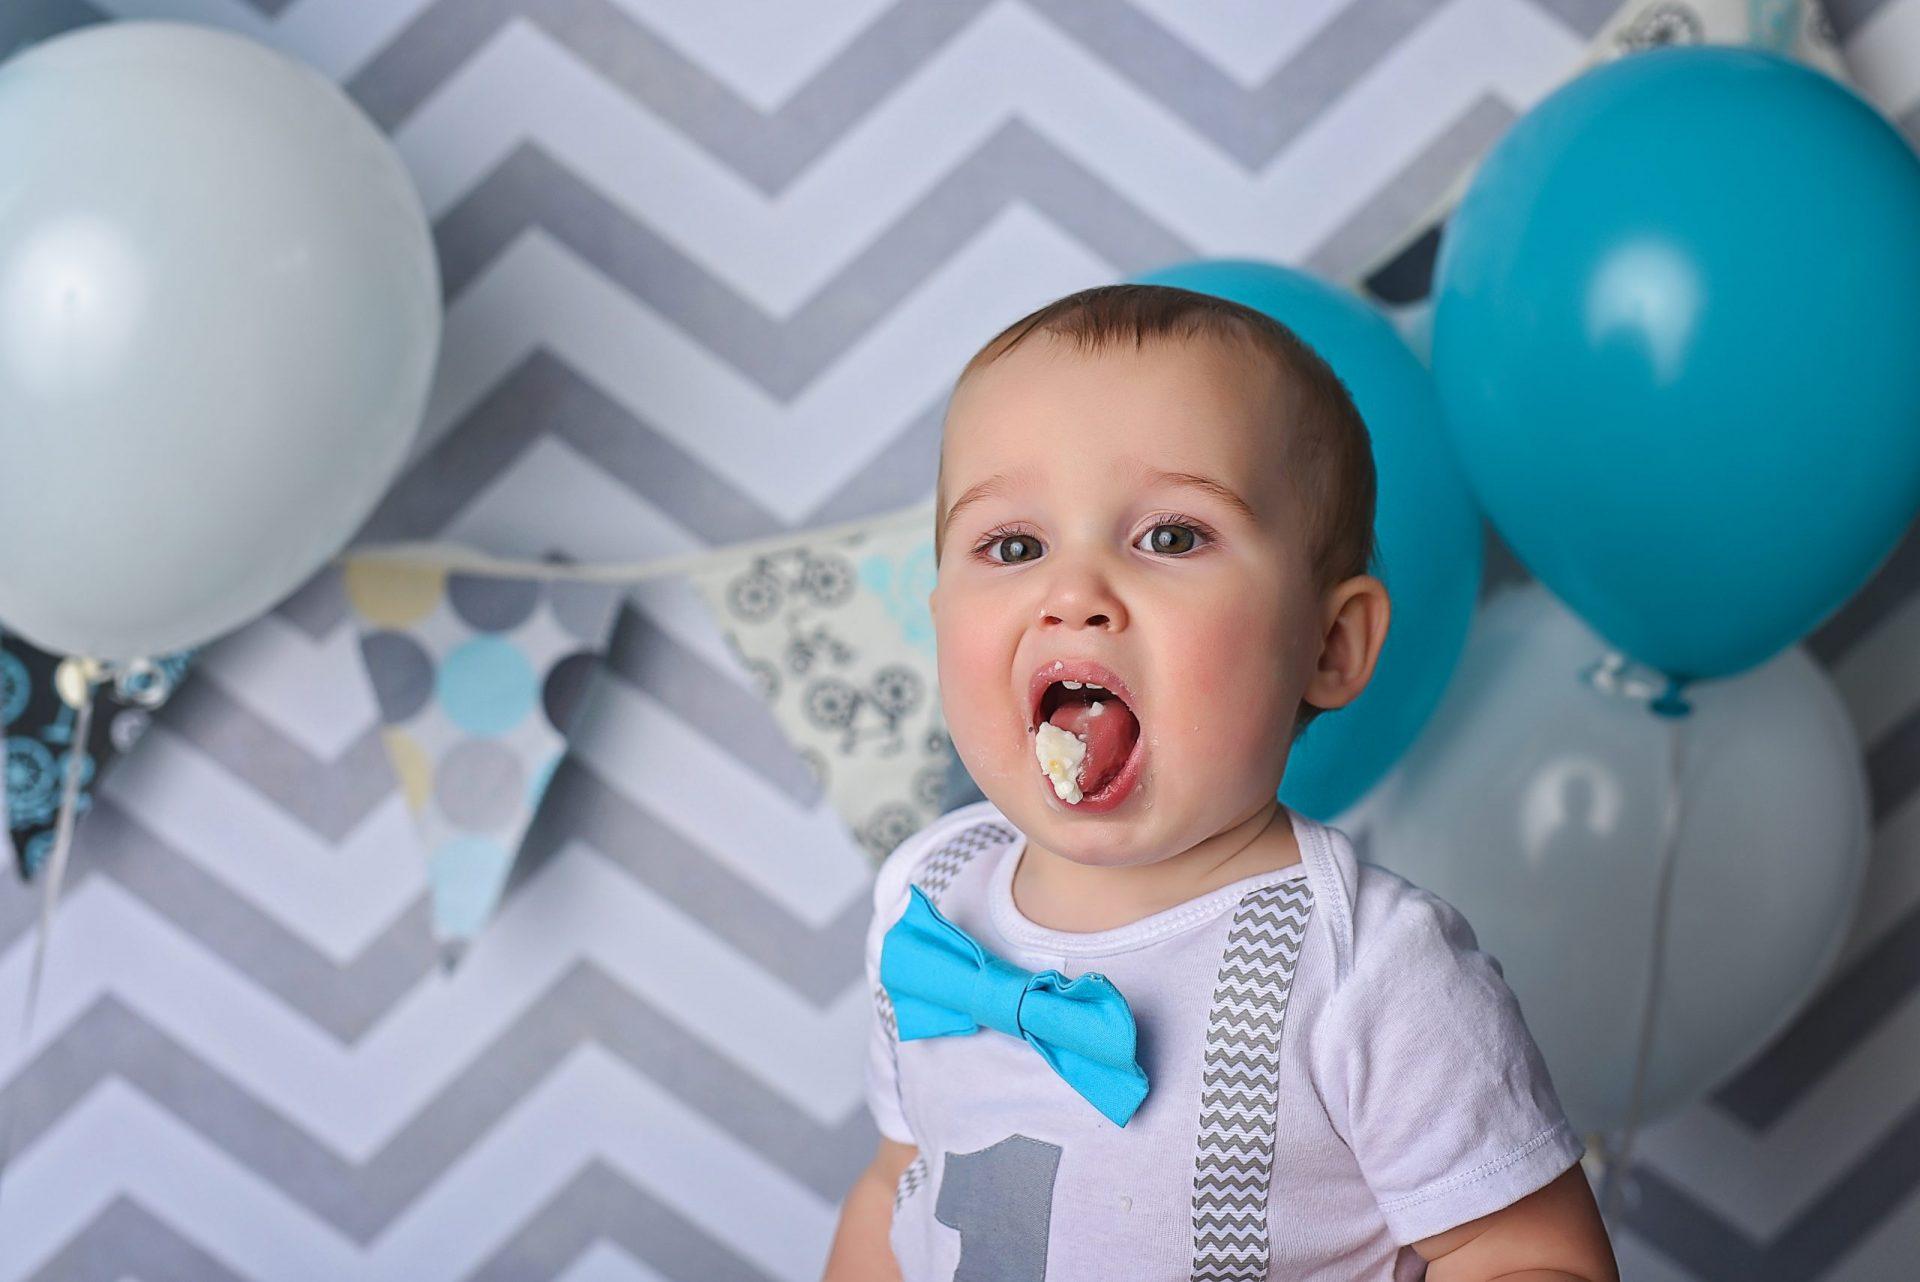 Kirtland baby photo